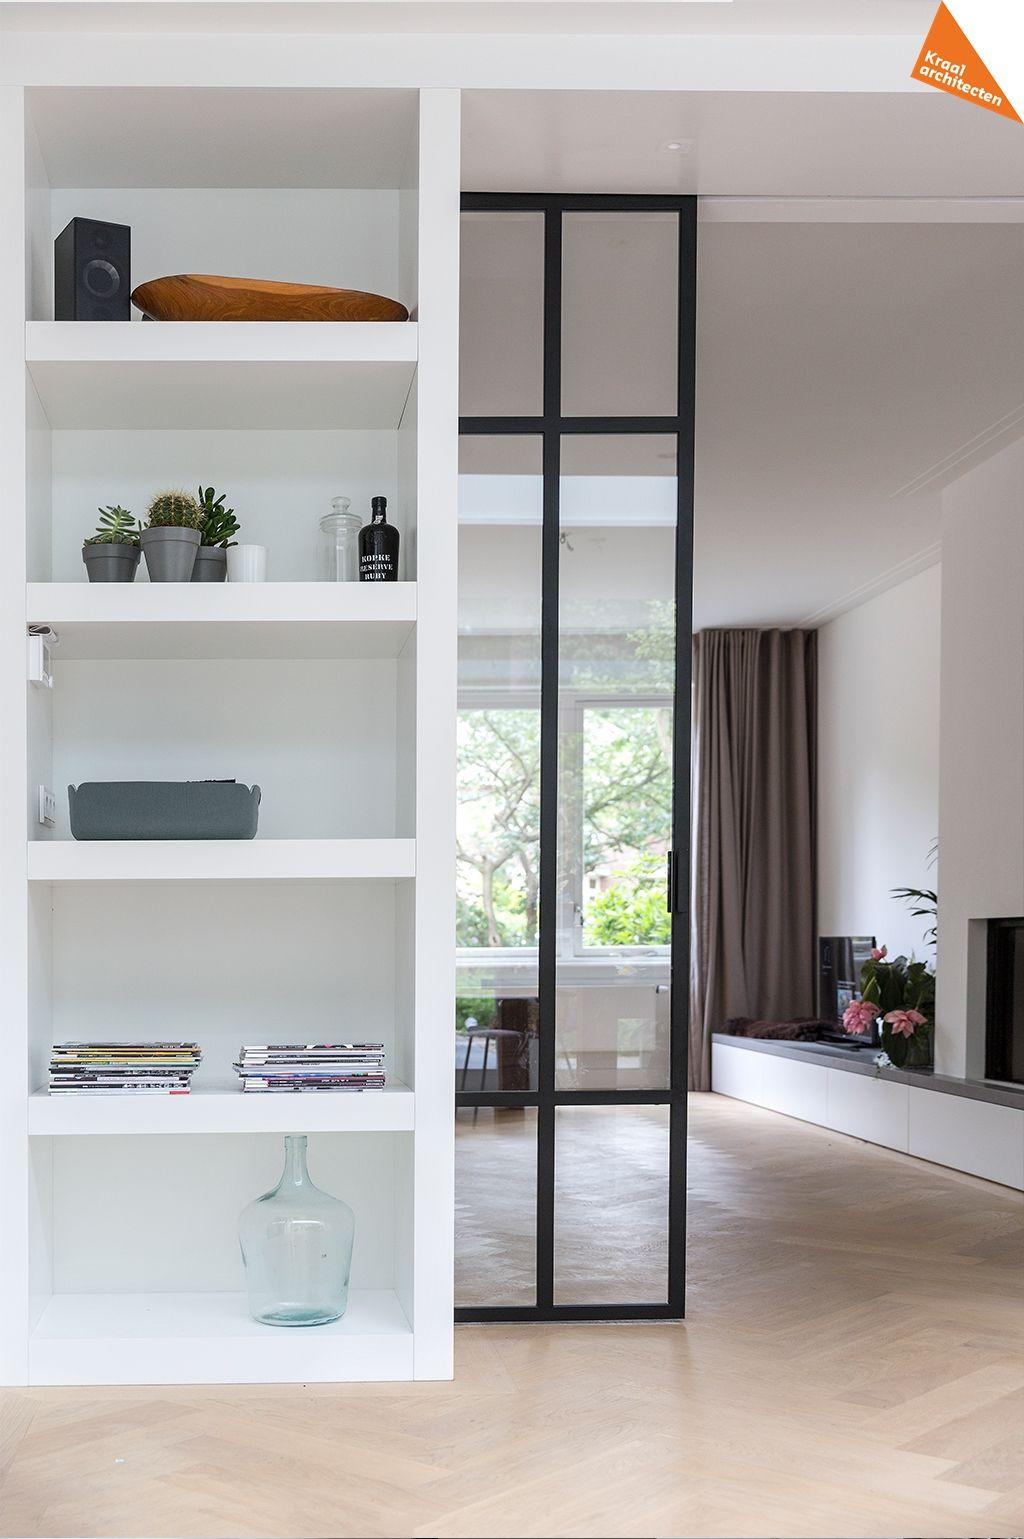 Kast in nis woonkamer | Woonkamer | Pinterest